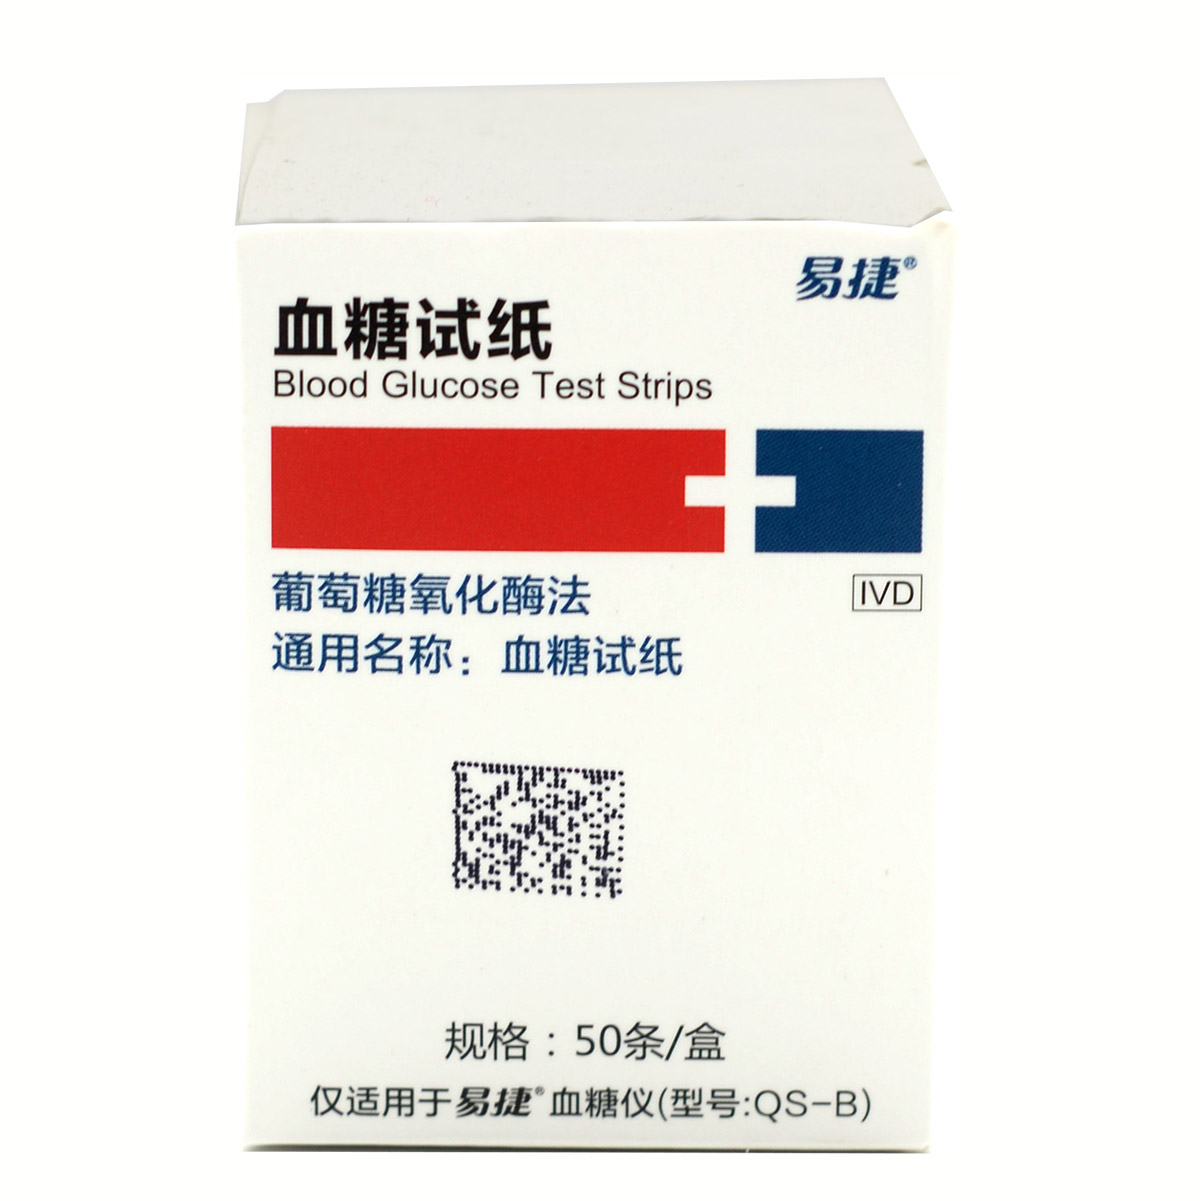 英科新创 易捷血糖测试试条QS-B 50T